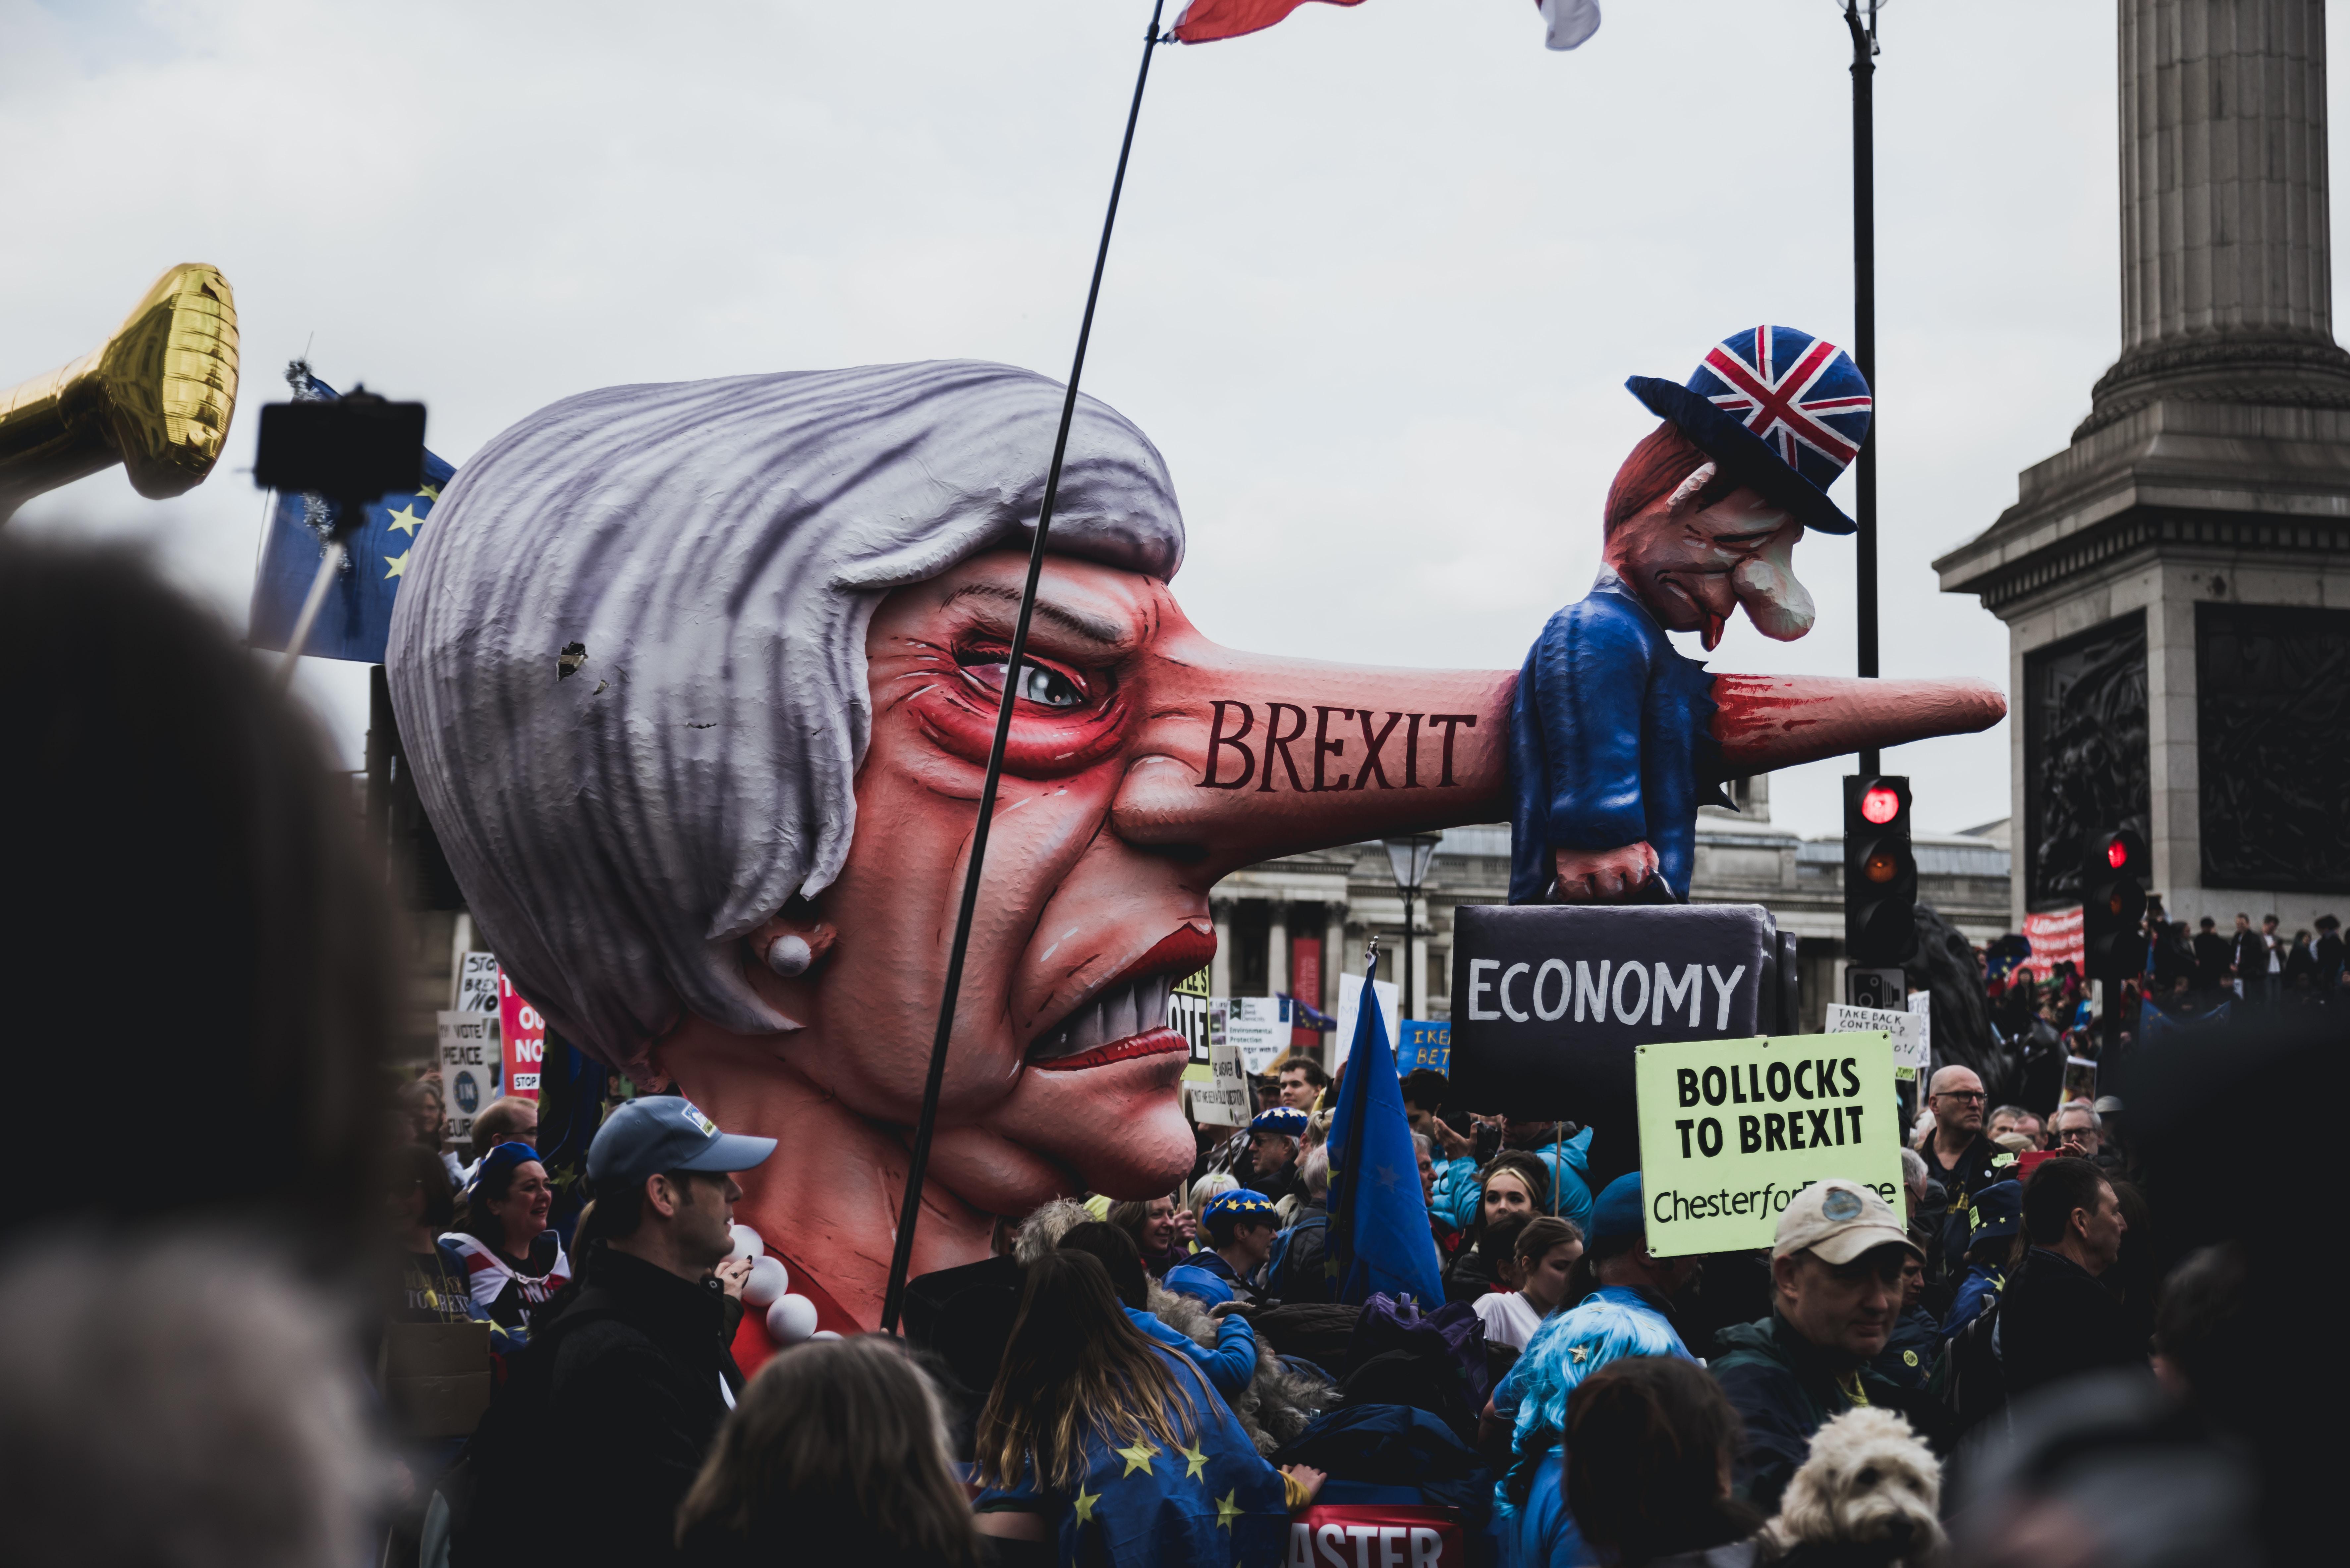 Kako brexit postaja katastrofa – 14,3 milijona ljudi v revščini